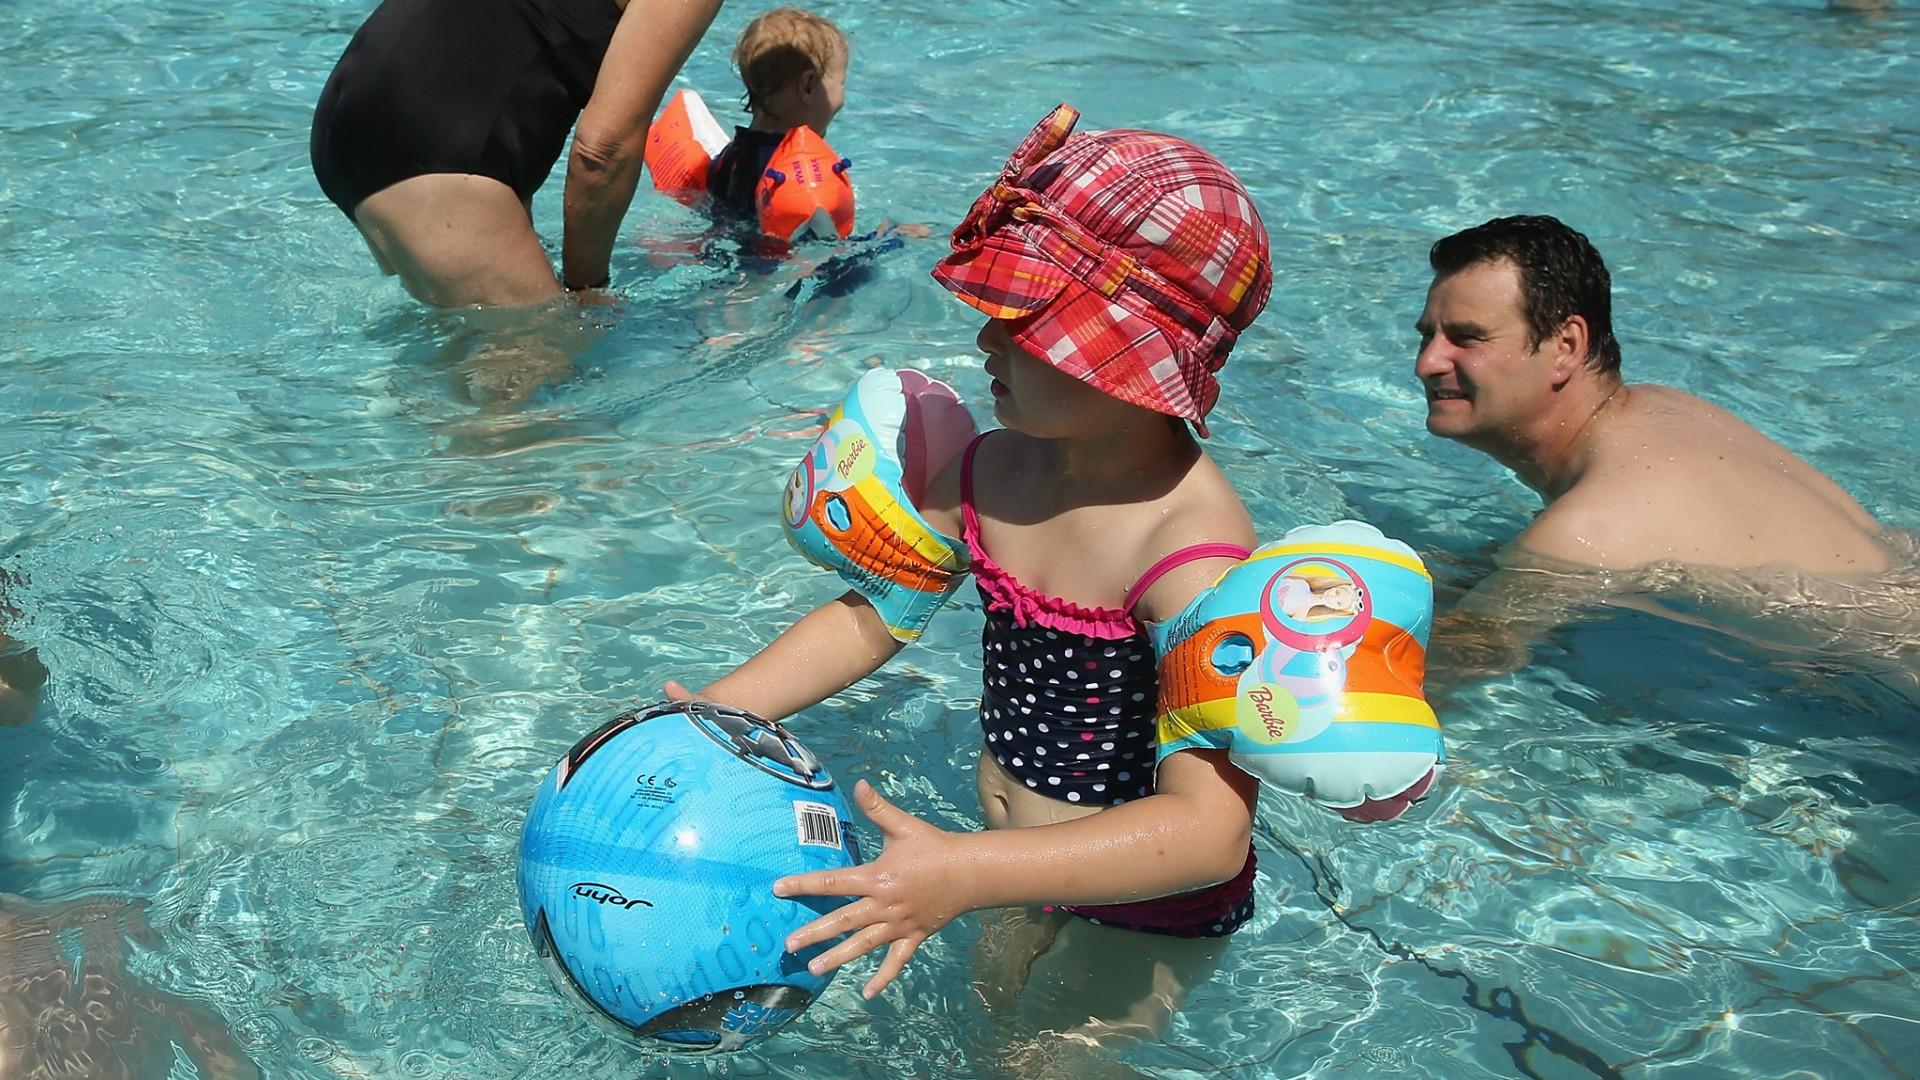 Medidas de seguridad para fiestas en la piscina for Descuidos en la piscina